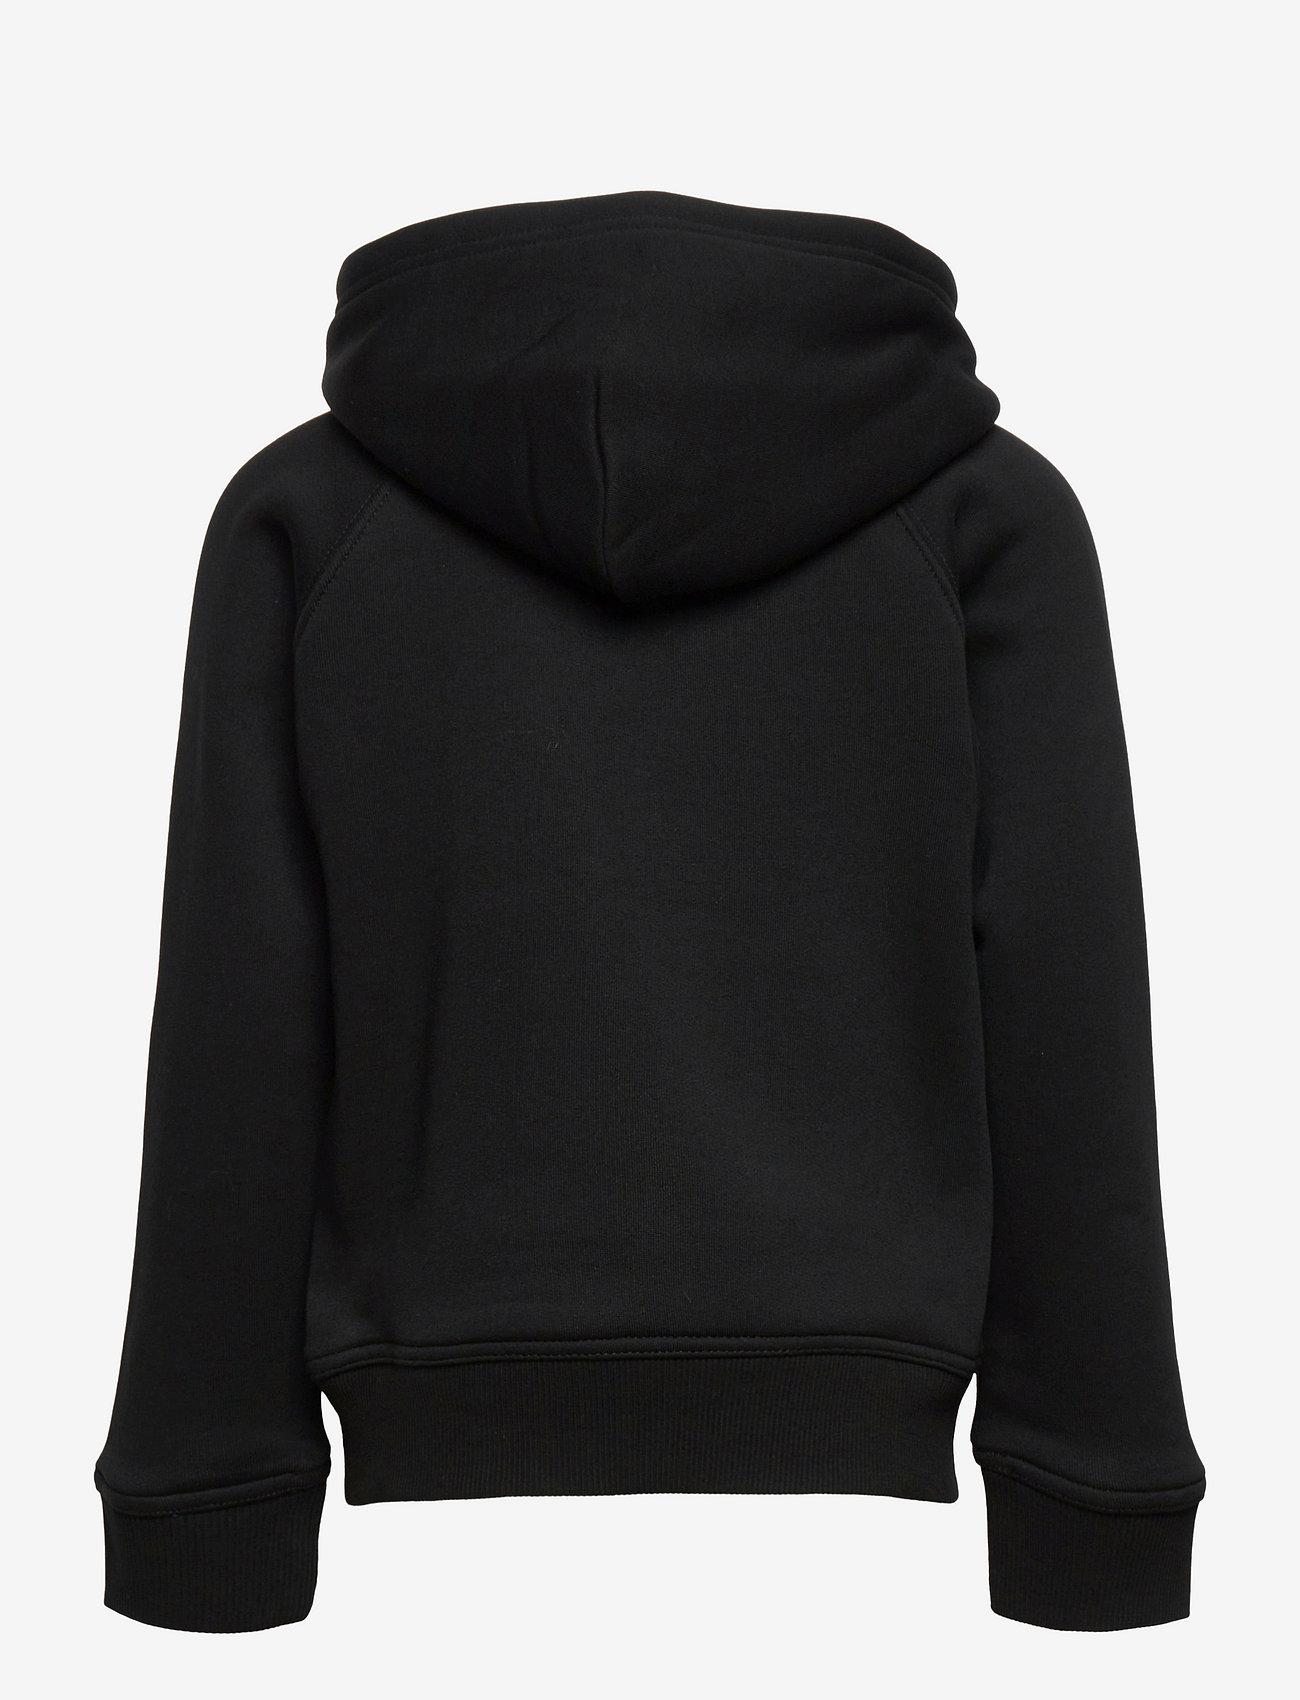 GANT - ARCHIVE SHIELD HOODIE - hoodies - black - 1